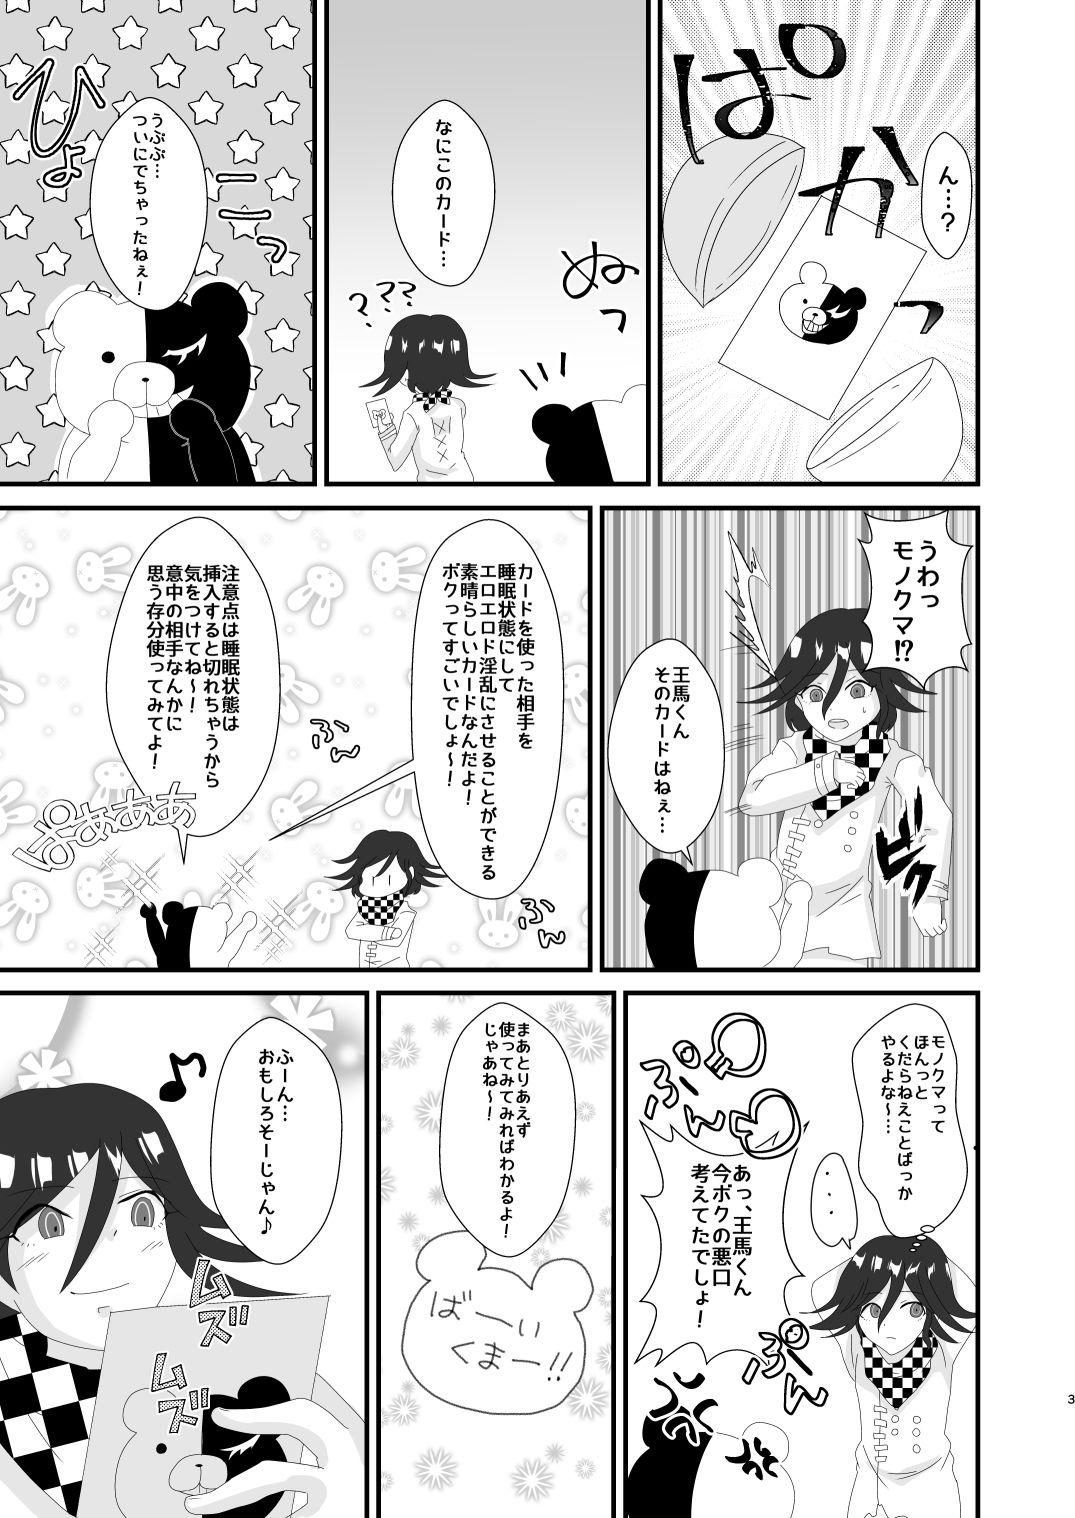 サイミンロンパ エロアニメ画像